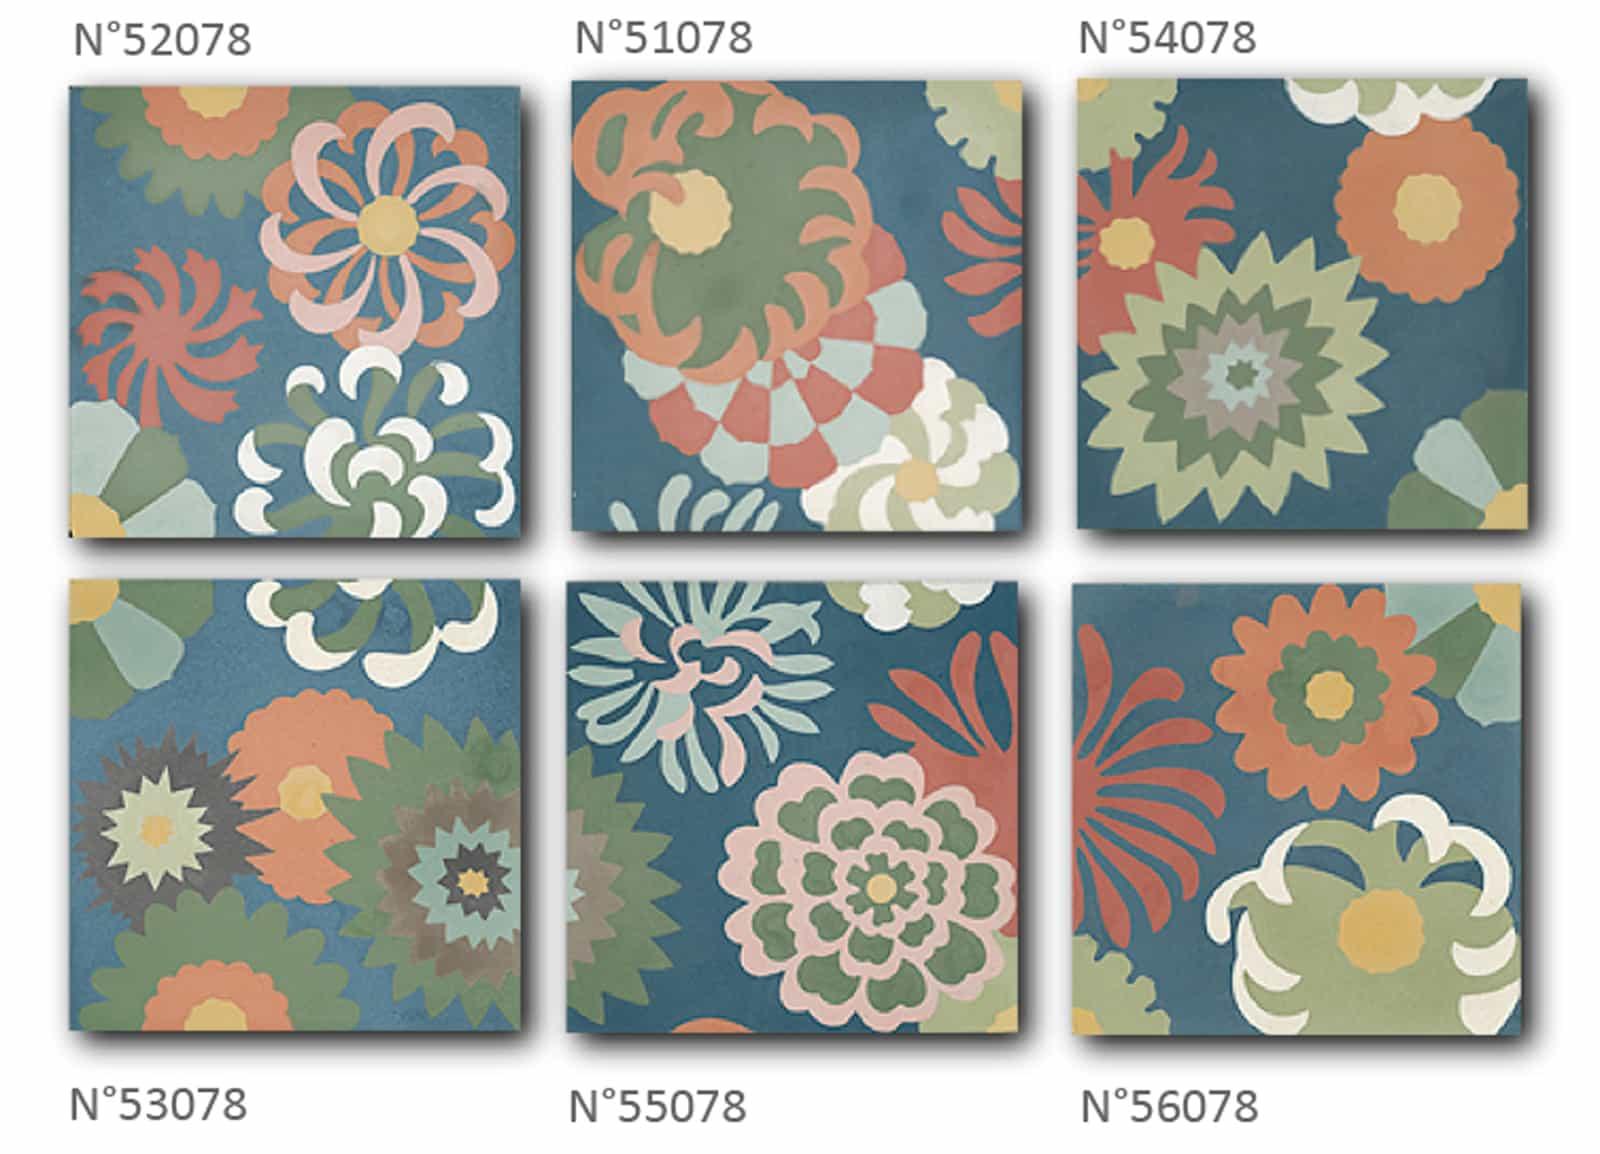 zementmosaikplatten-blumenwiese-nr.51078-56078-viaplatten | 52078